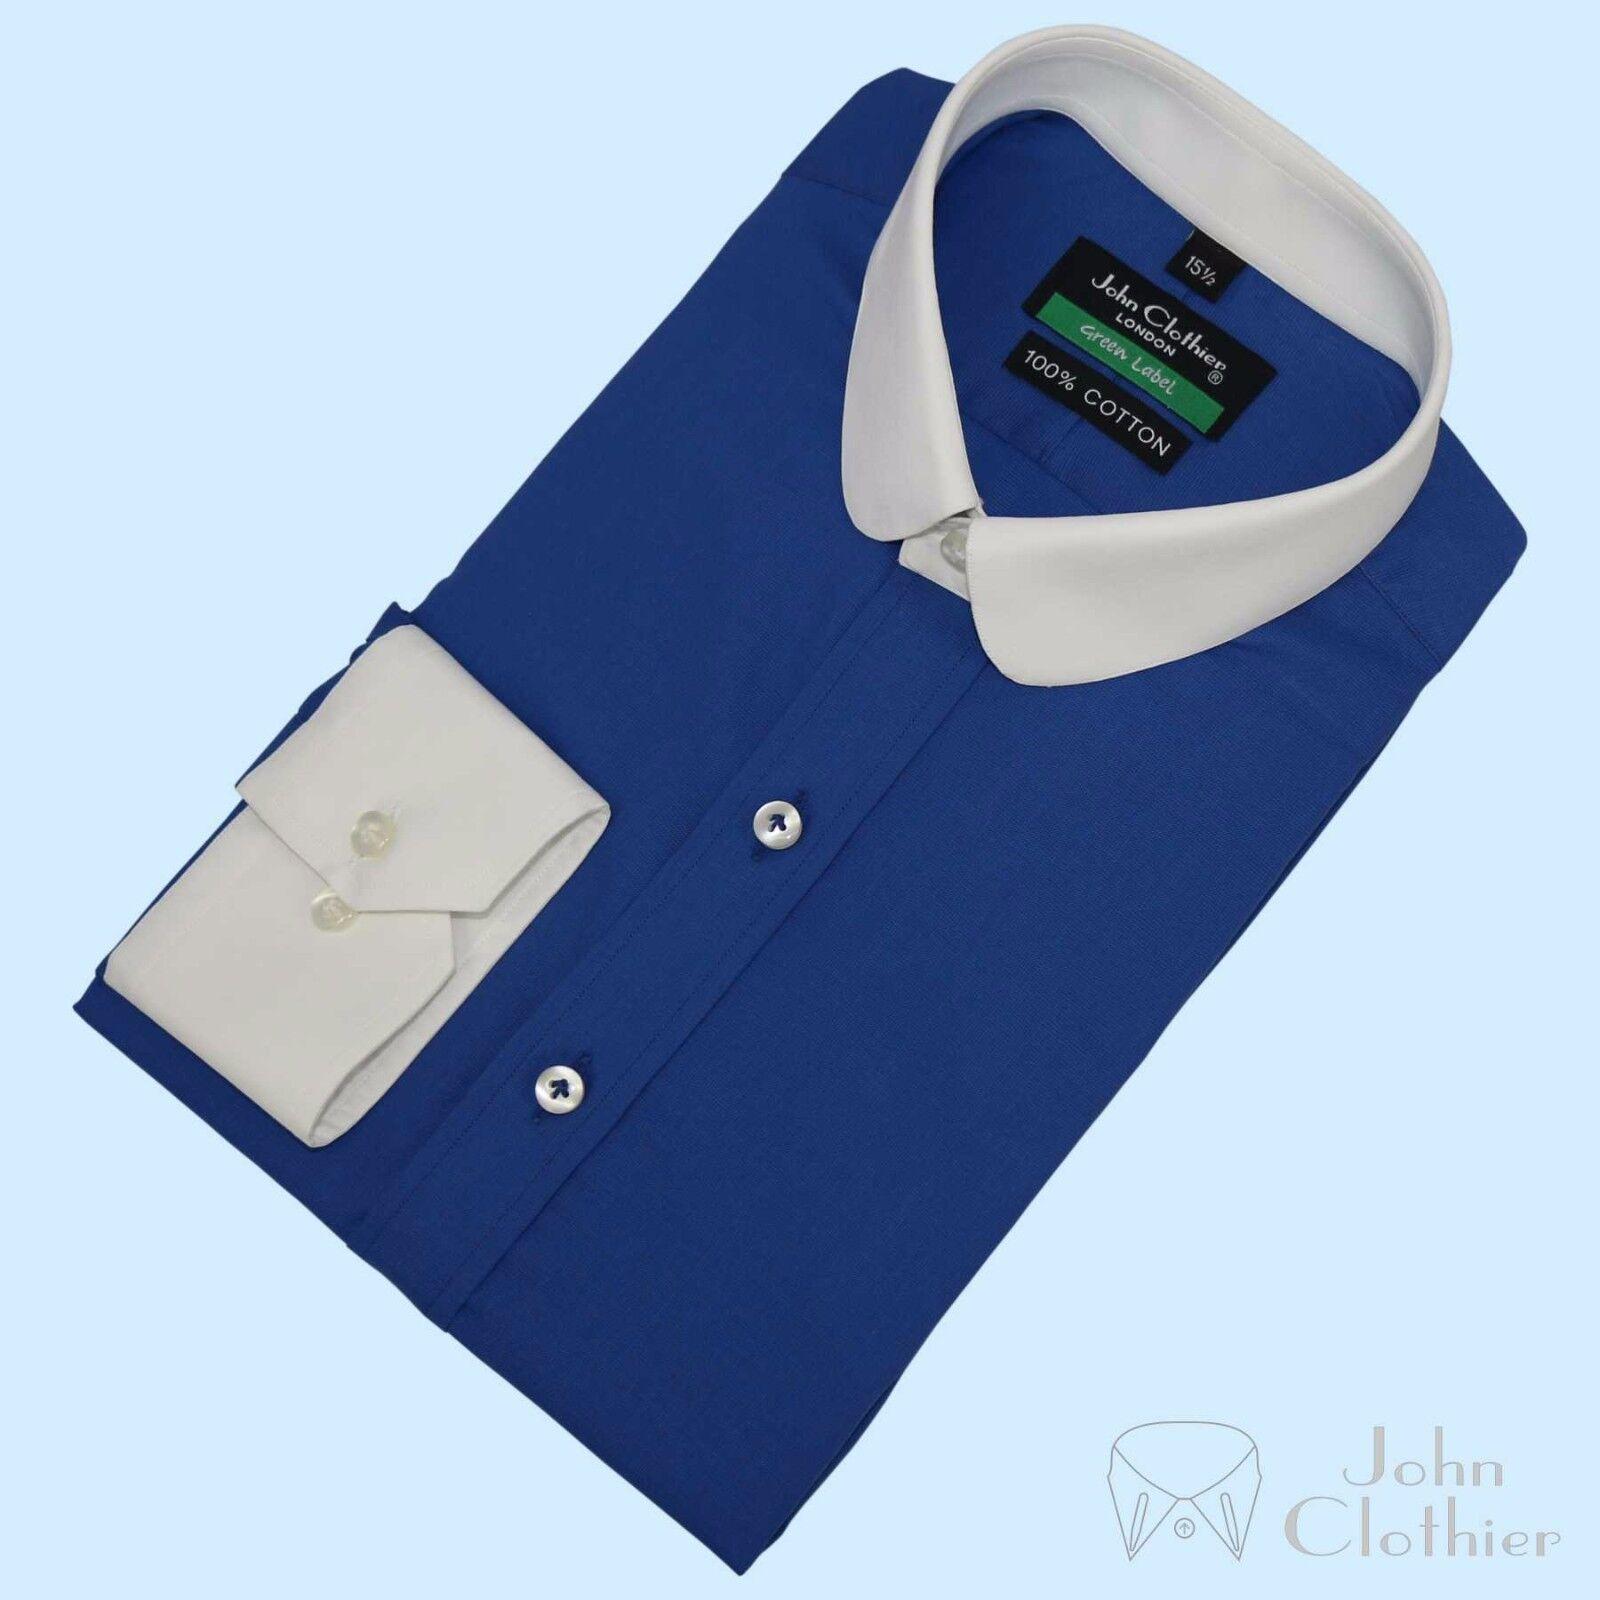 Hommes Autres Hauts Coton Rond Bleu Pic Oxford Banquier Club à Pic Bleu Blinder Pour 8d4fb0